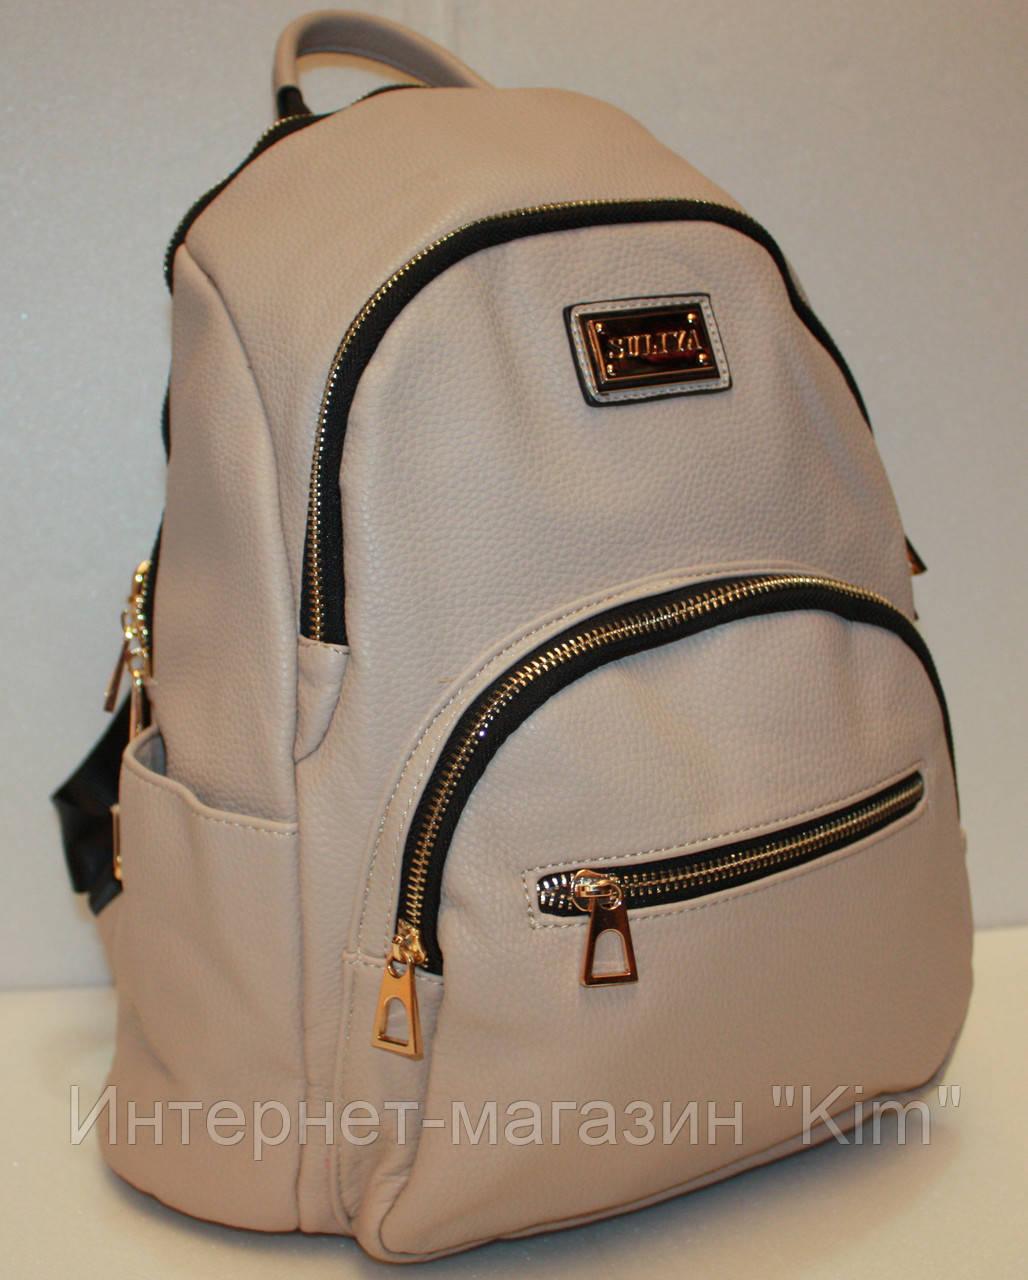 89a0fc351238 Школьный рюкзак женский экокожа бежевый - Интернет-магазин